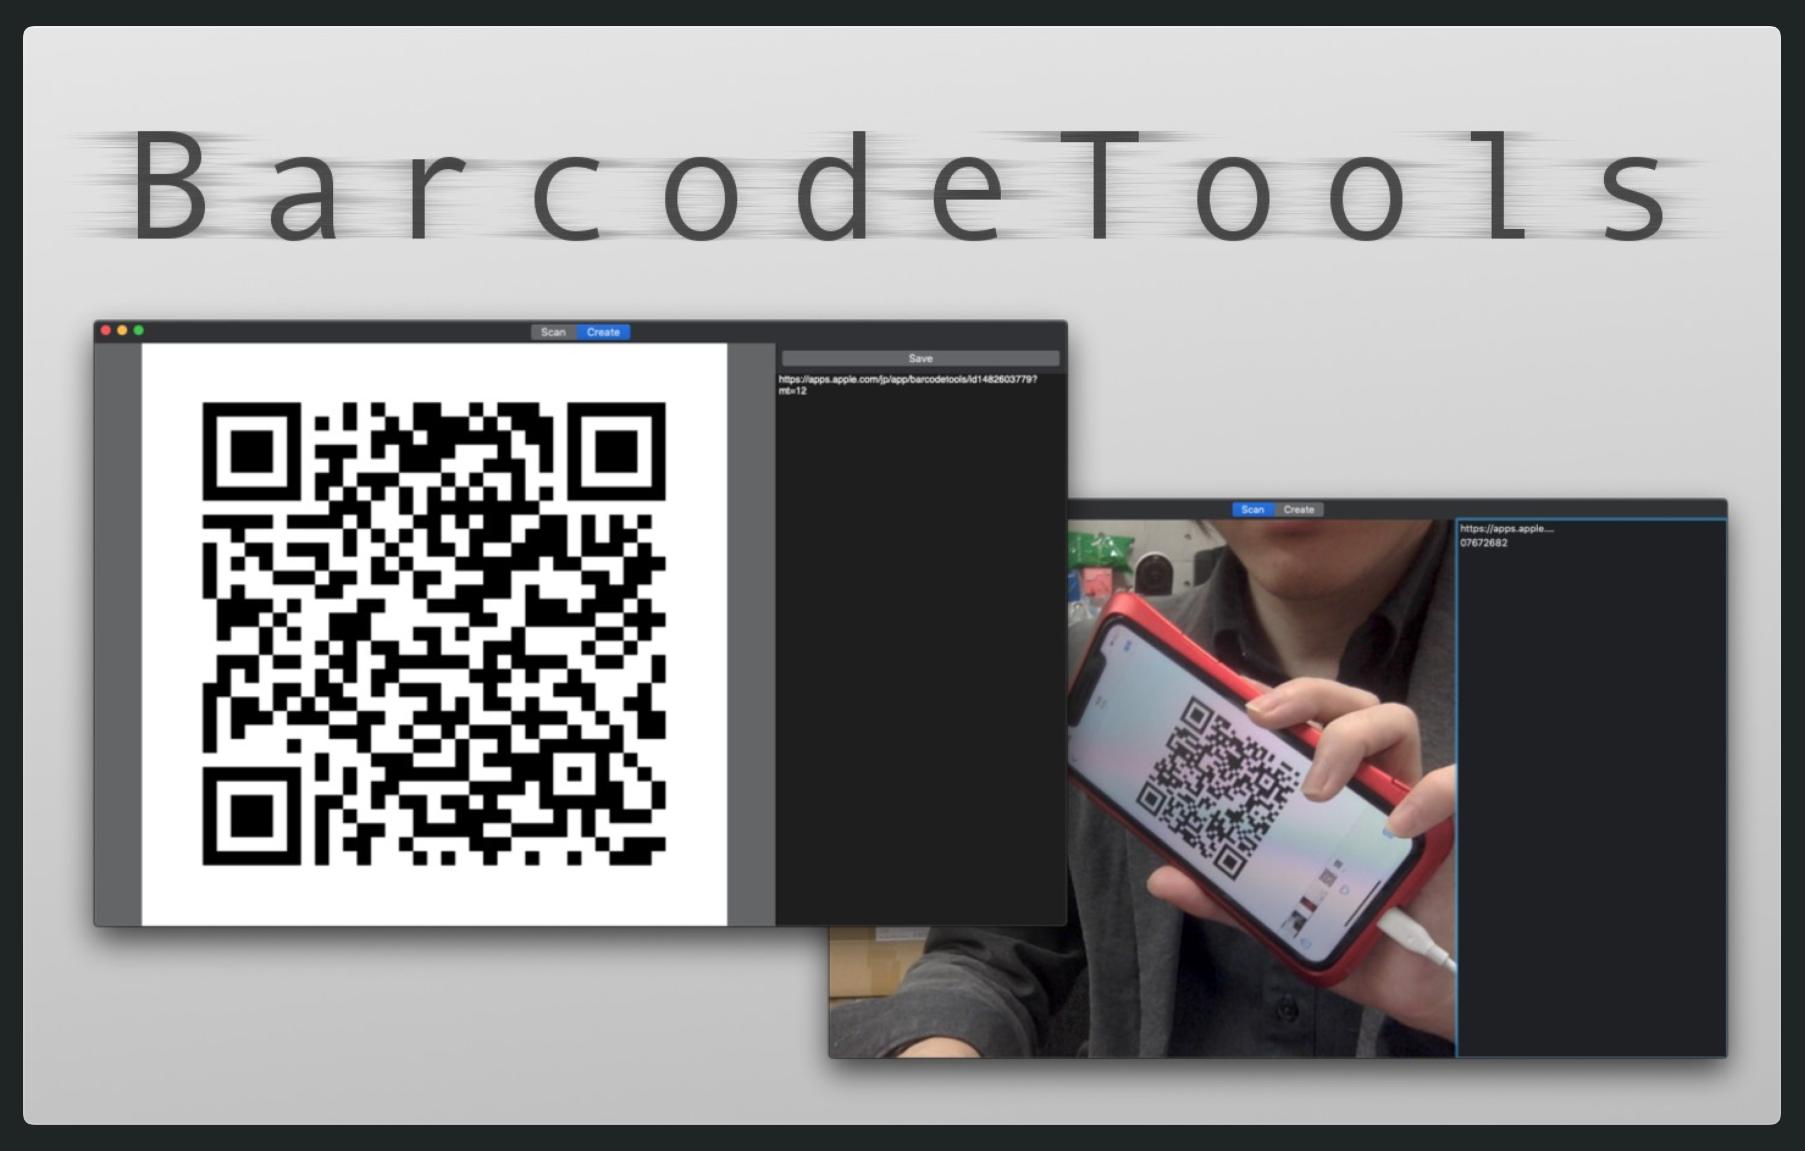 QR Code Reader Barcode Tools